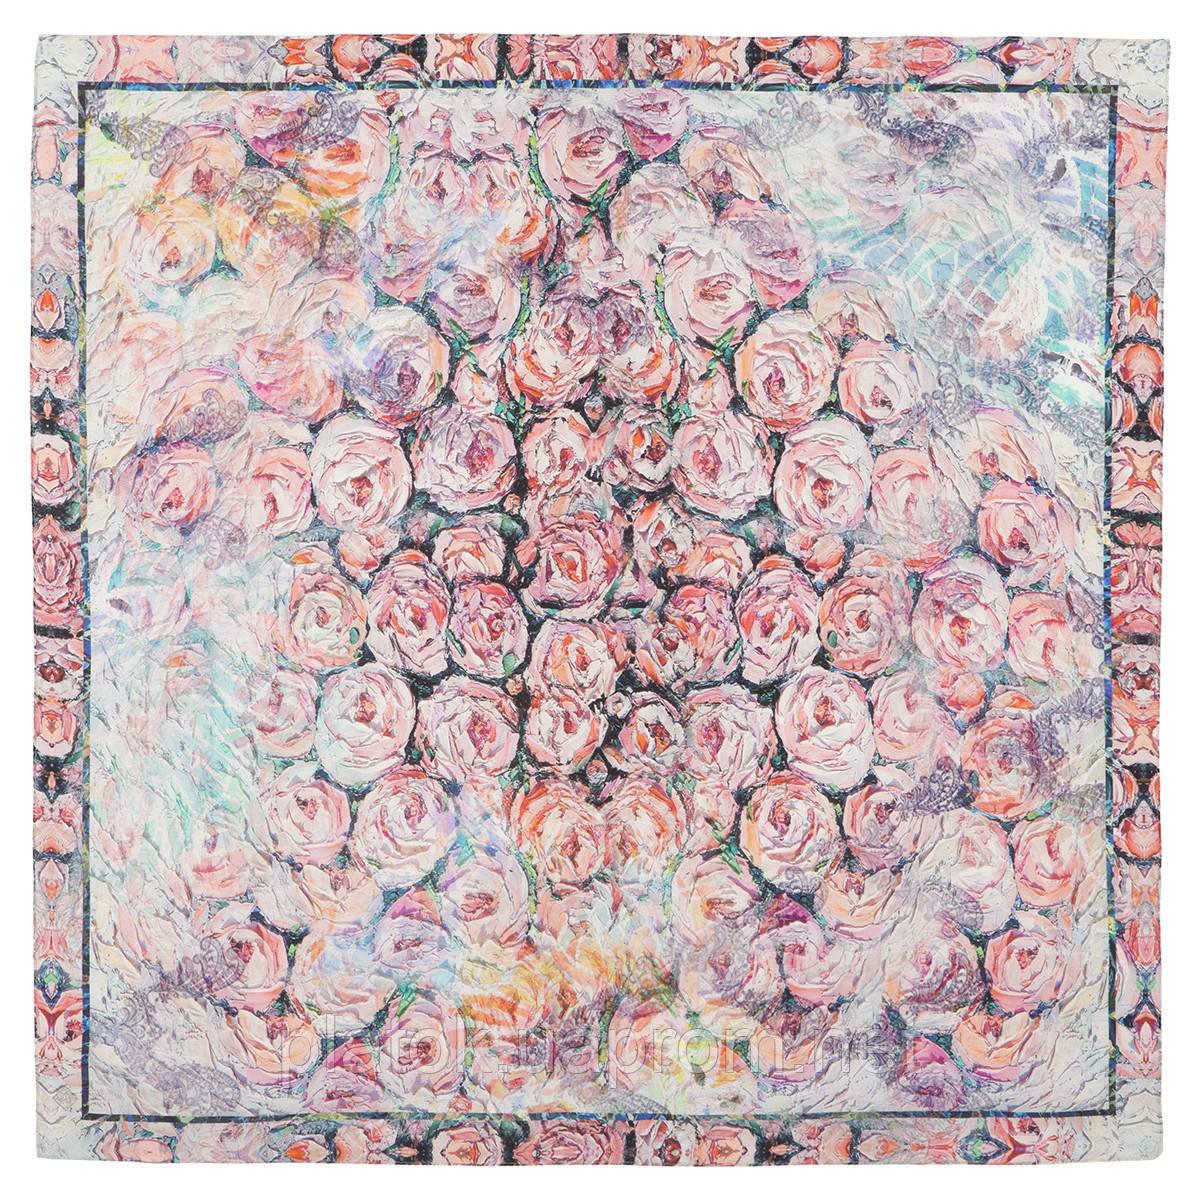 Платок шелковый 10099-1, павлопосадский платок (крепдешин) шелковый с подрубкой